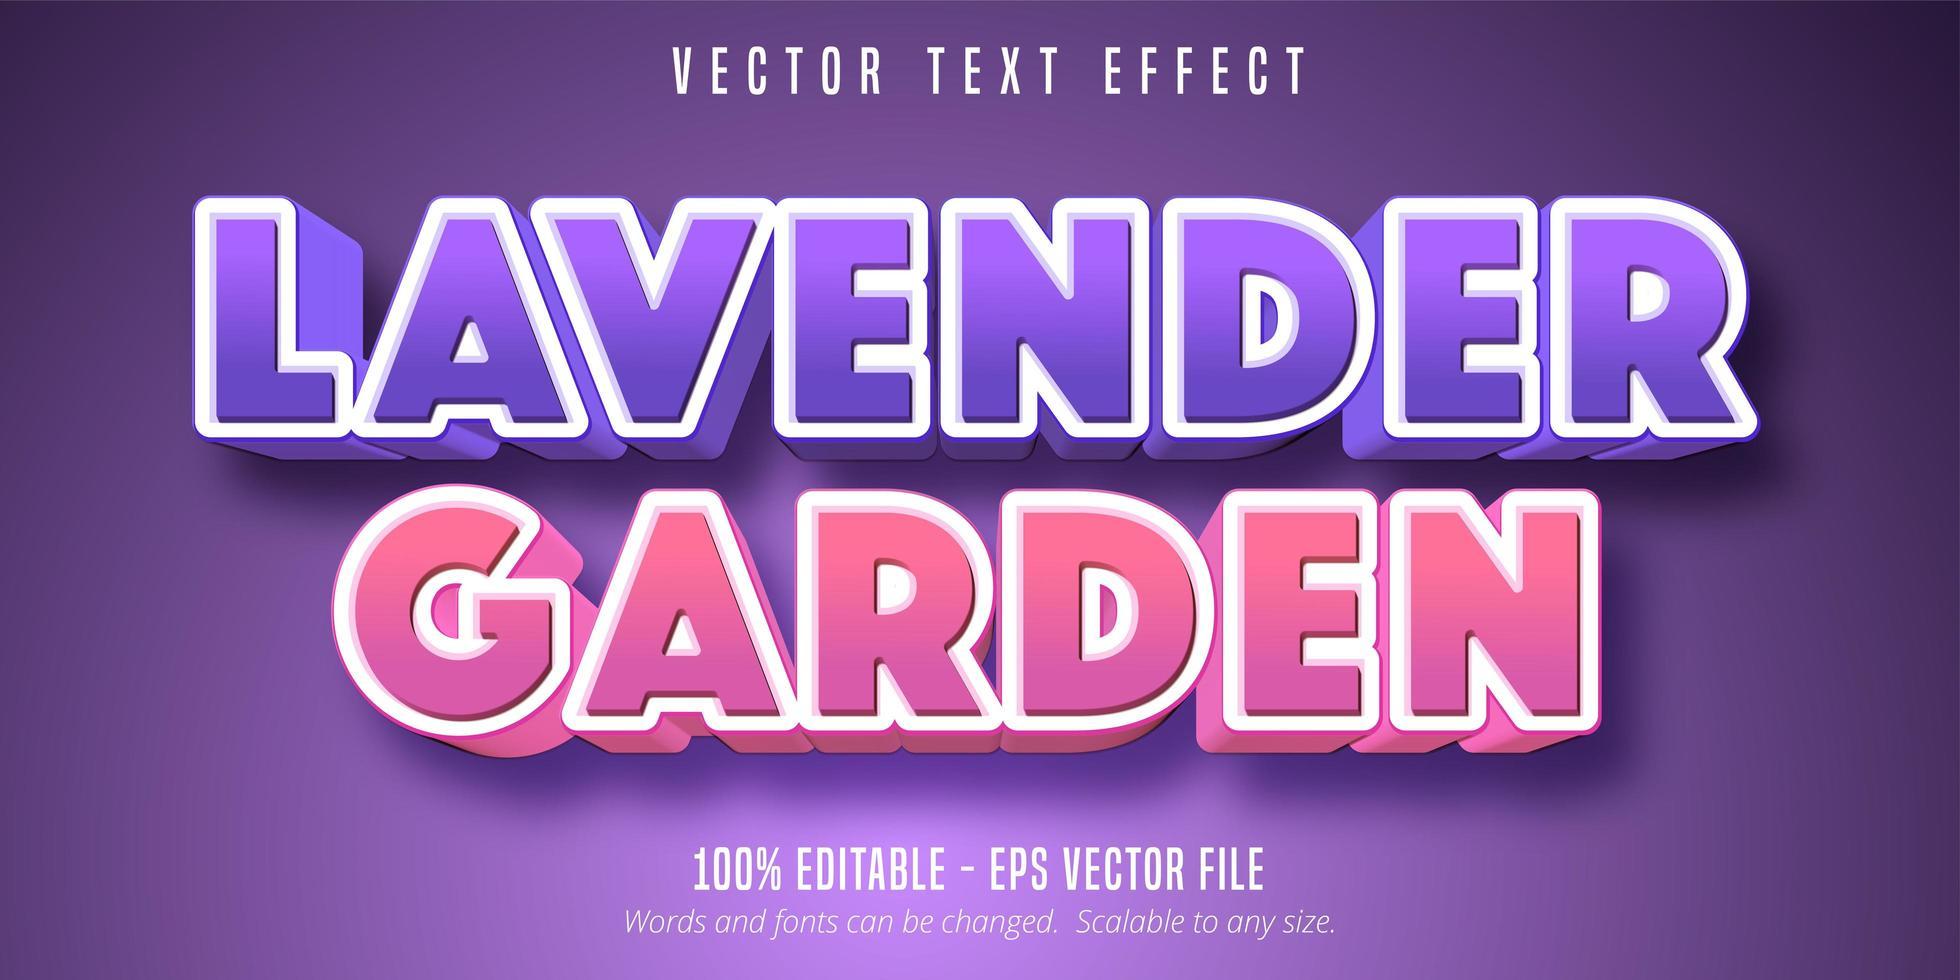 lavendel trädgård lila och rosa fet text effekt vektor